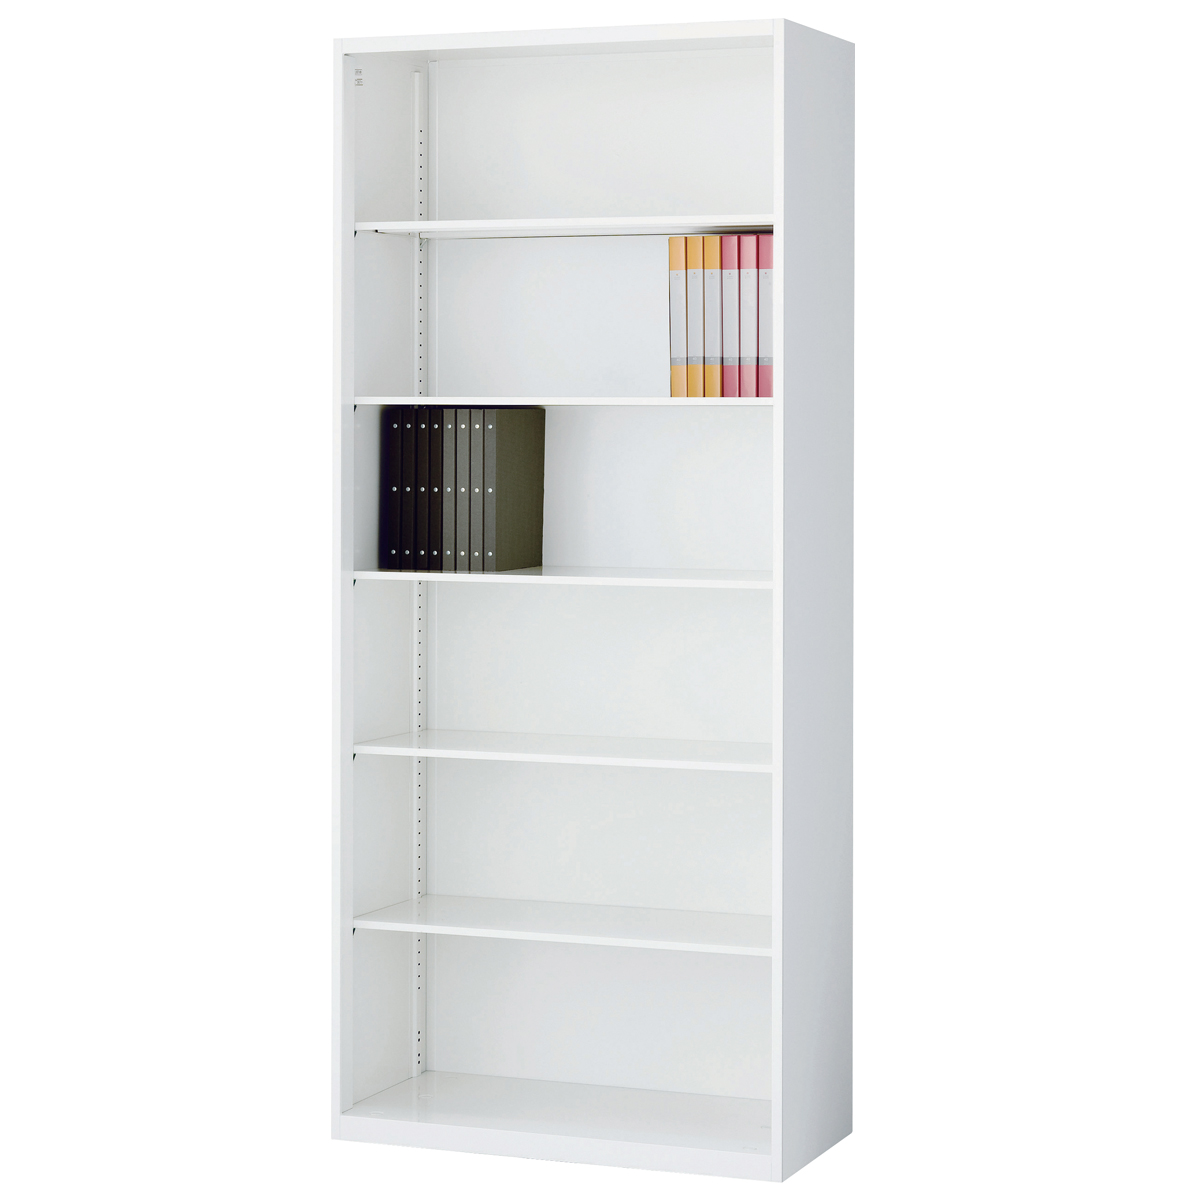 <お取り寄せ品※代引きキャンセル不可> オープン棚 RW5-21K 【 用紙 画用紙 整理 棚 収納 多目的 システム収納棚 】